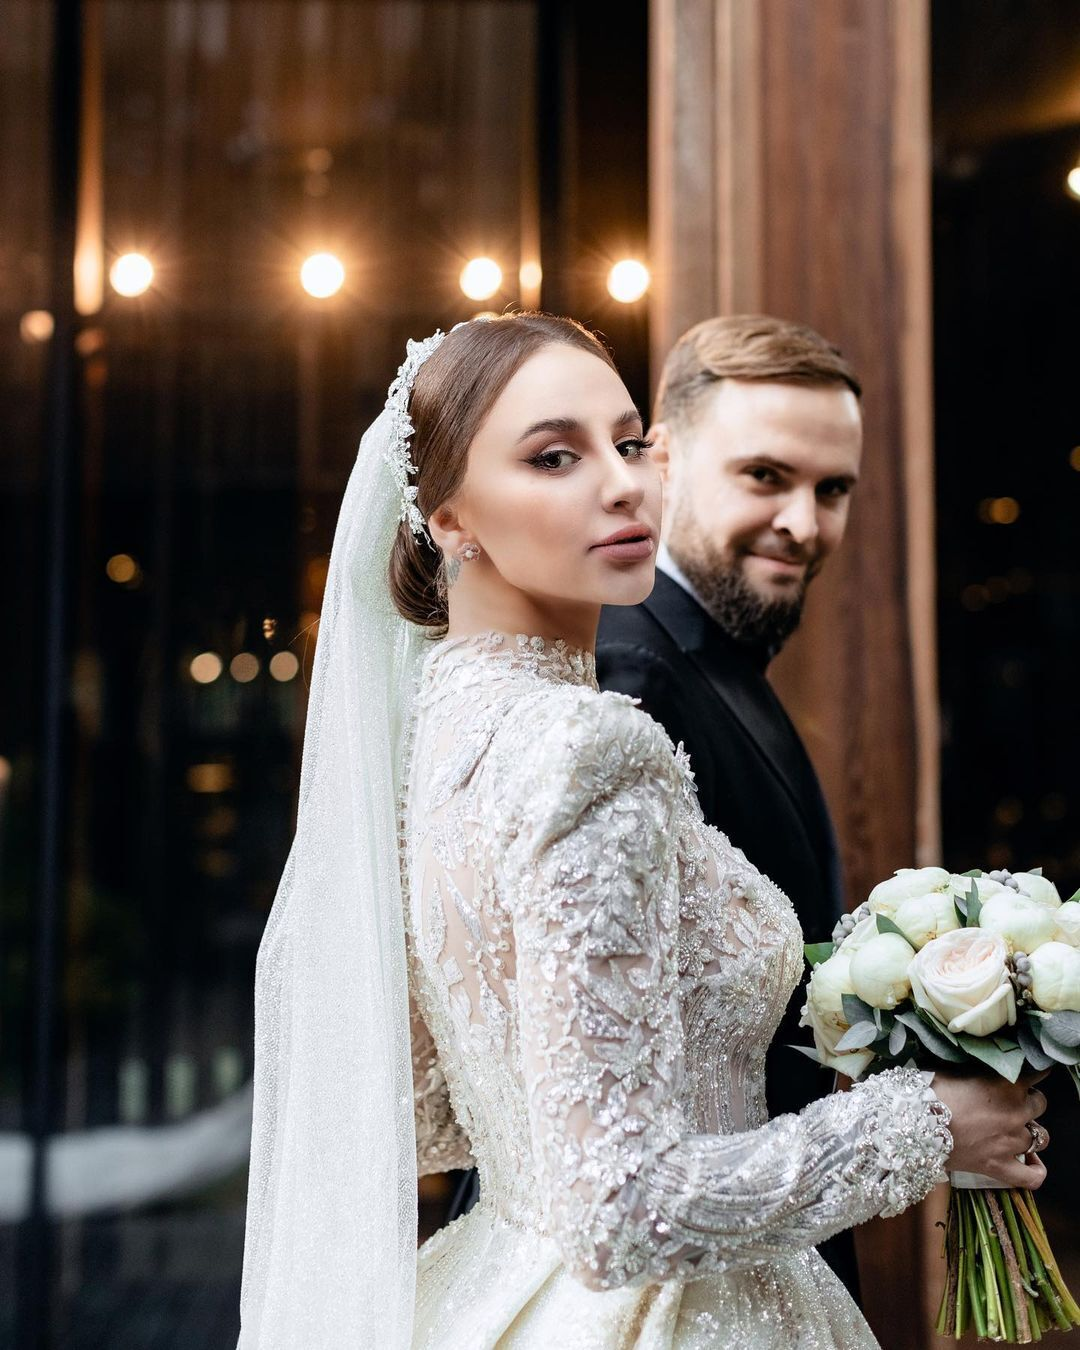 Asti зі своїм чоловіком Станіславом